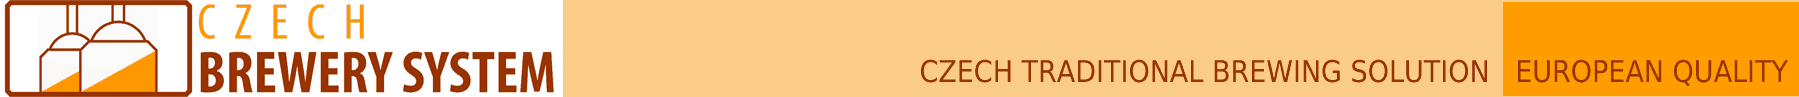 Český pivovarský systém